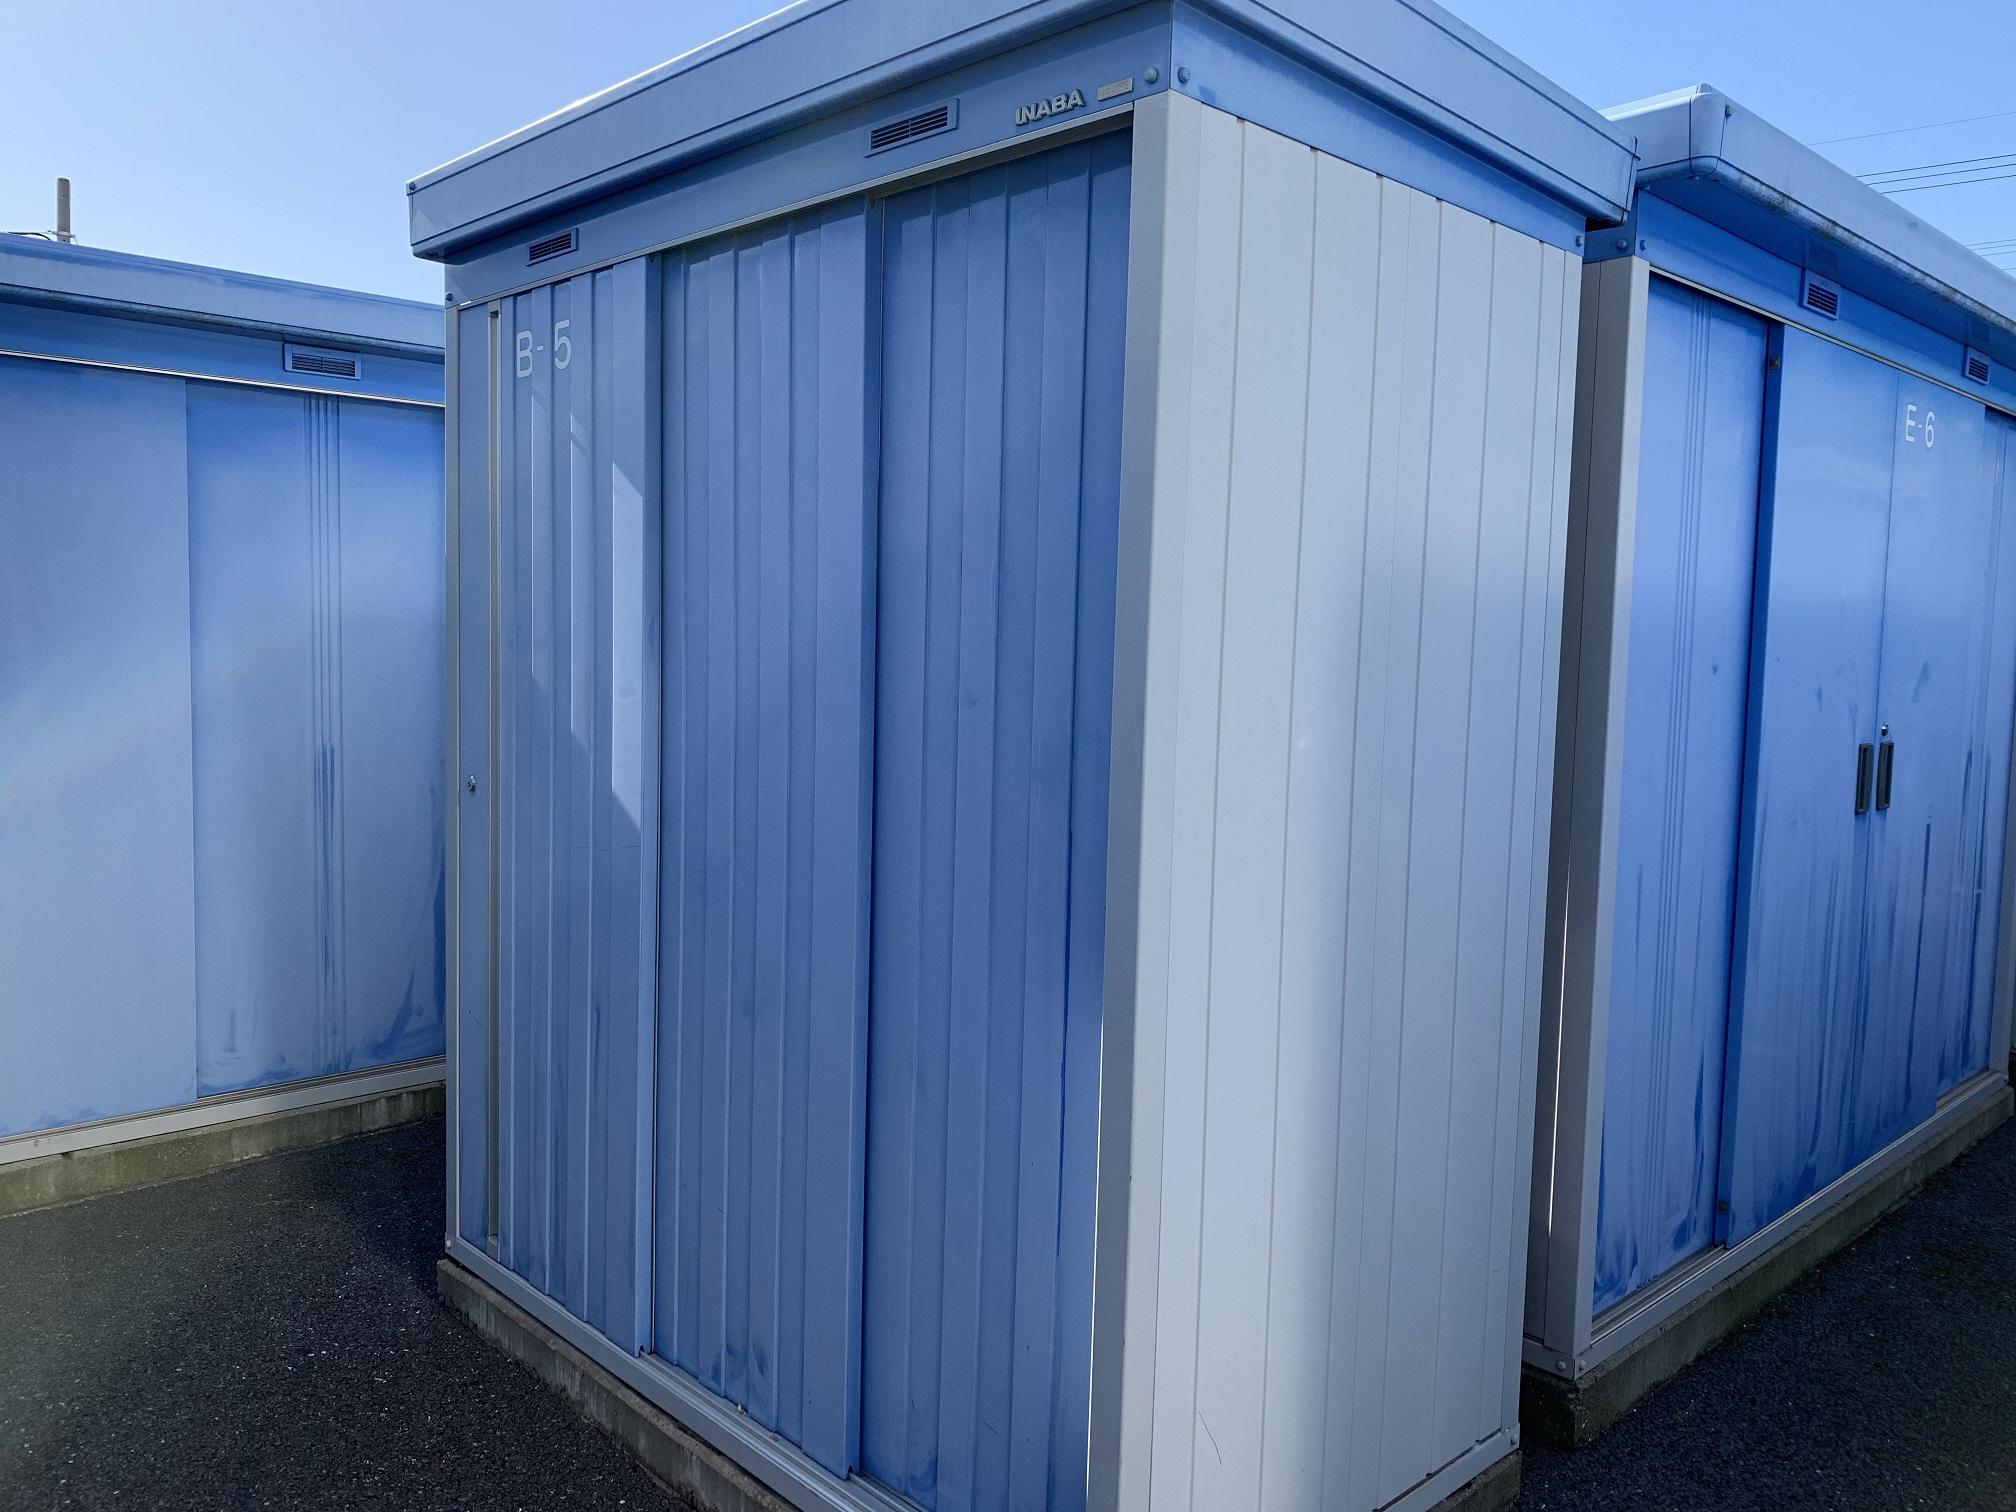 千葉桜木店 様々な大きさのトランクルームが用意されています